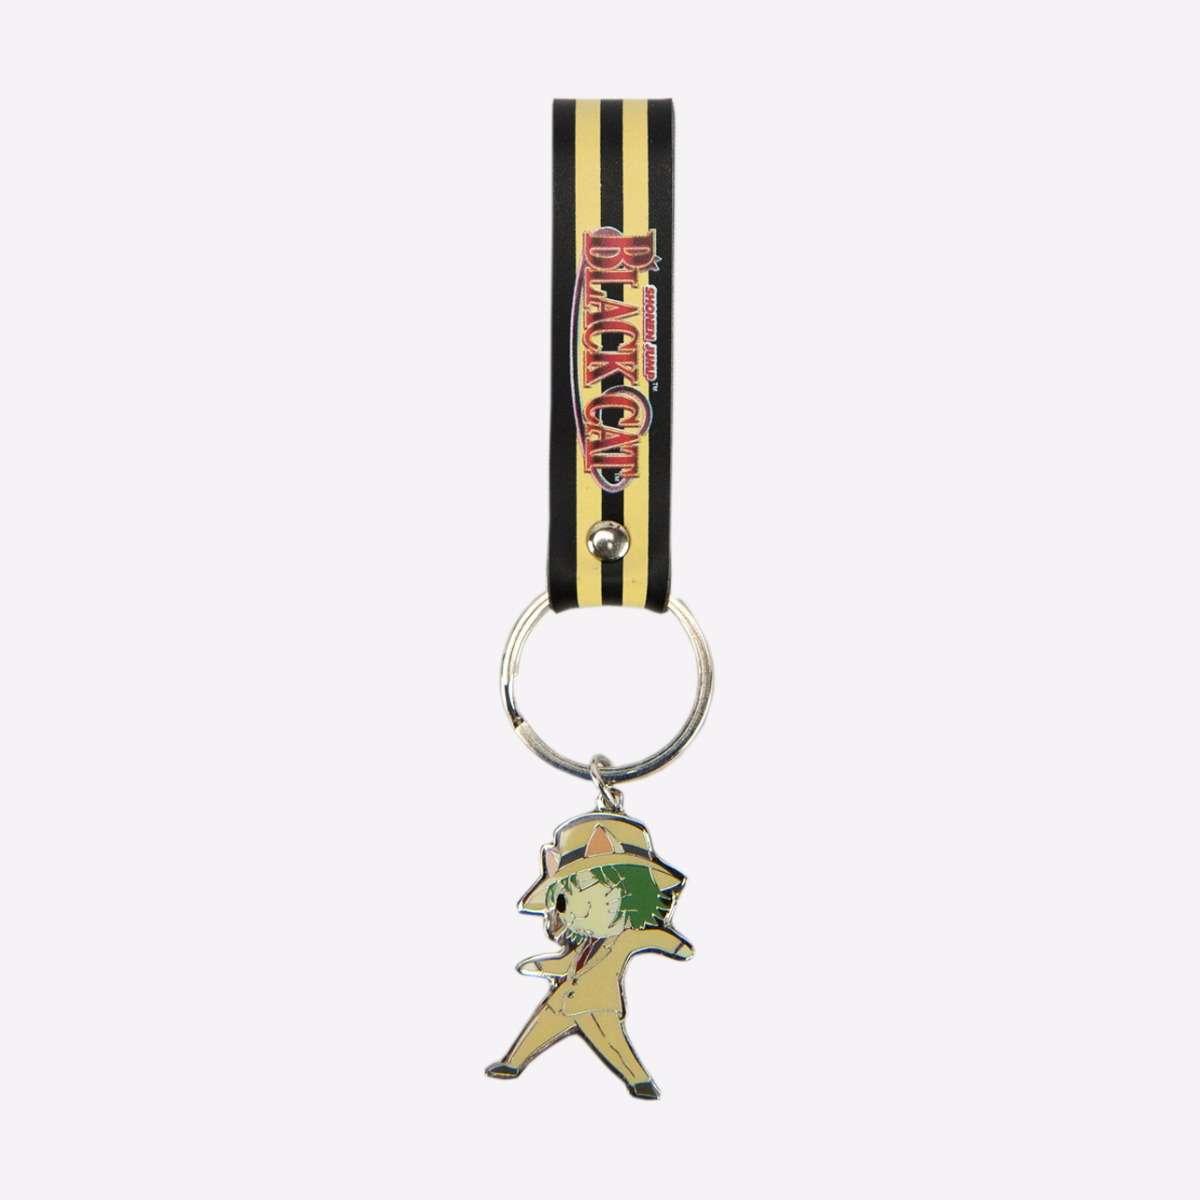 Sven Metal Keychain accessories